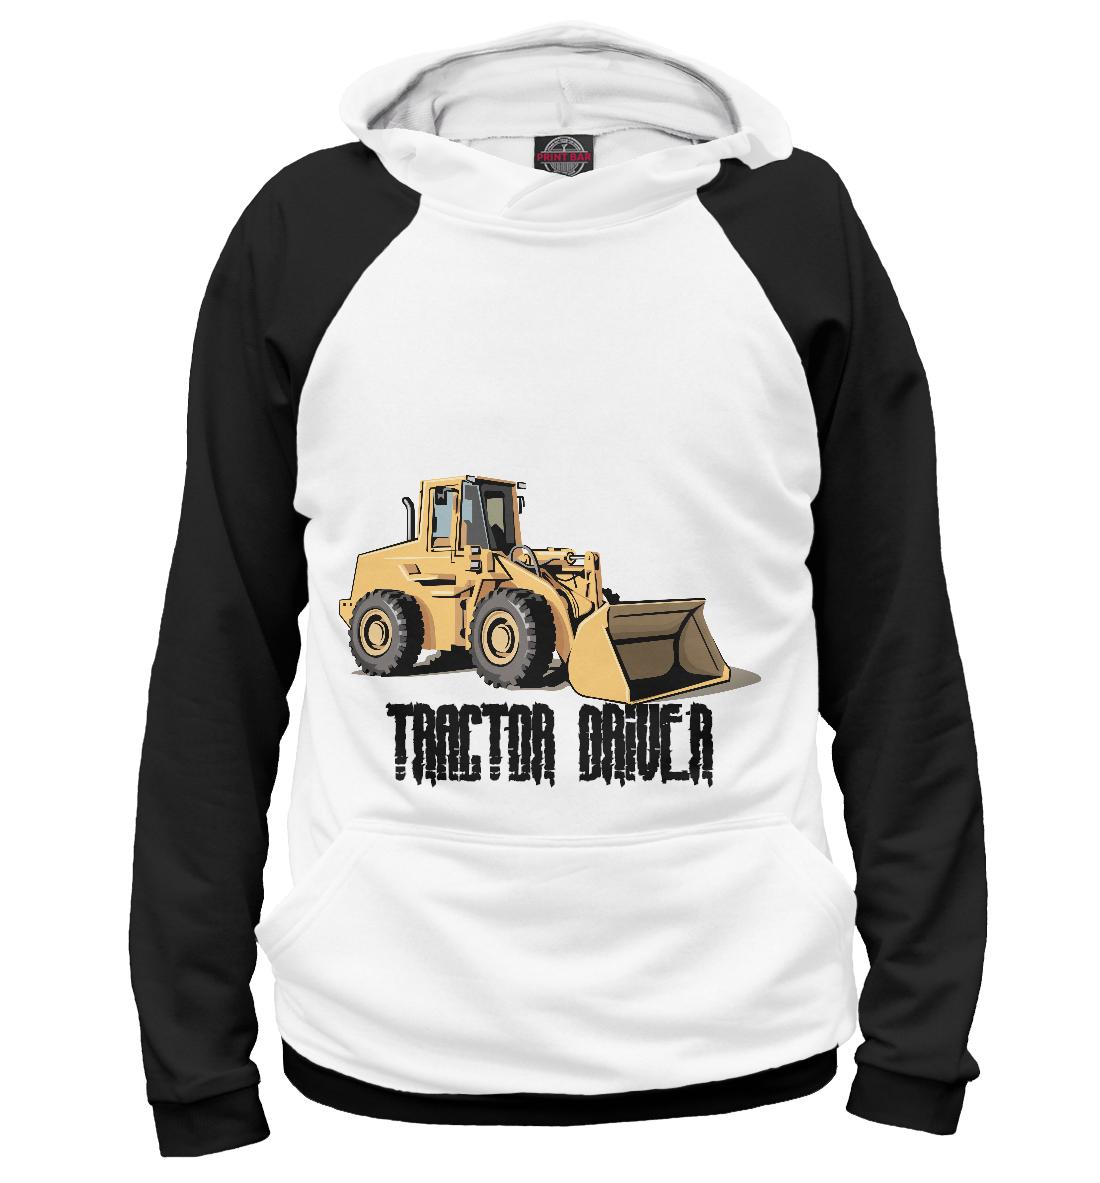 Tractor driver, Printbar, Худи, VDT-264157-hud-2  - купить со скидкой